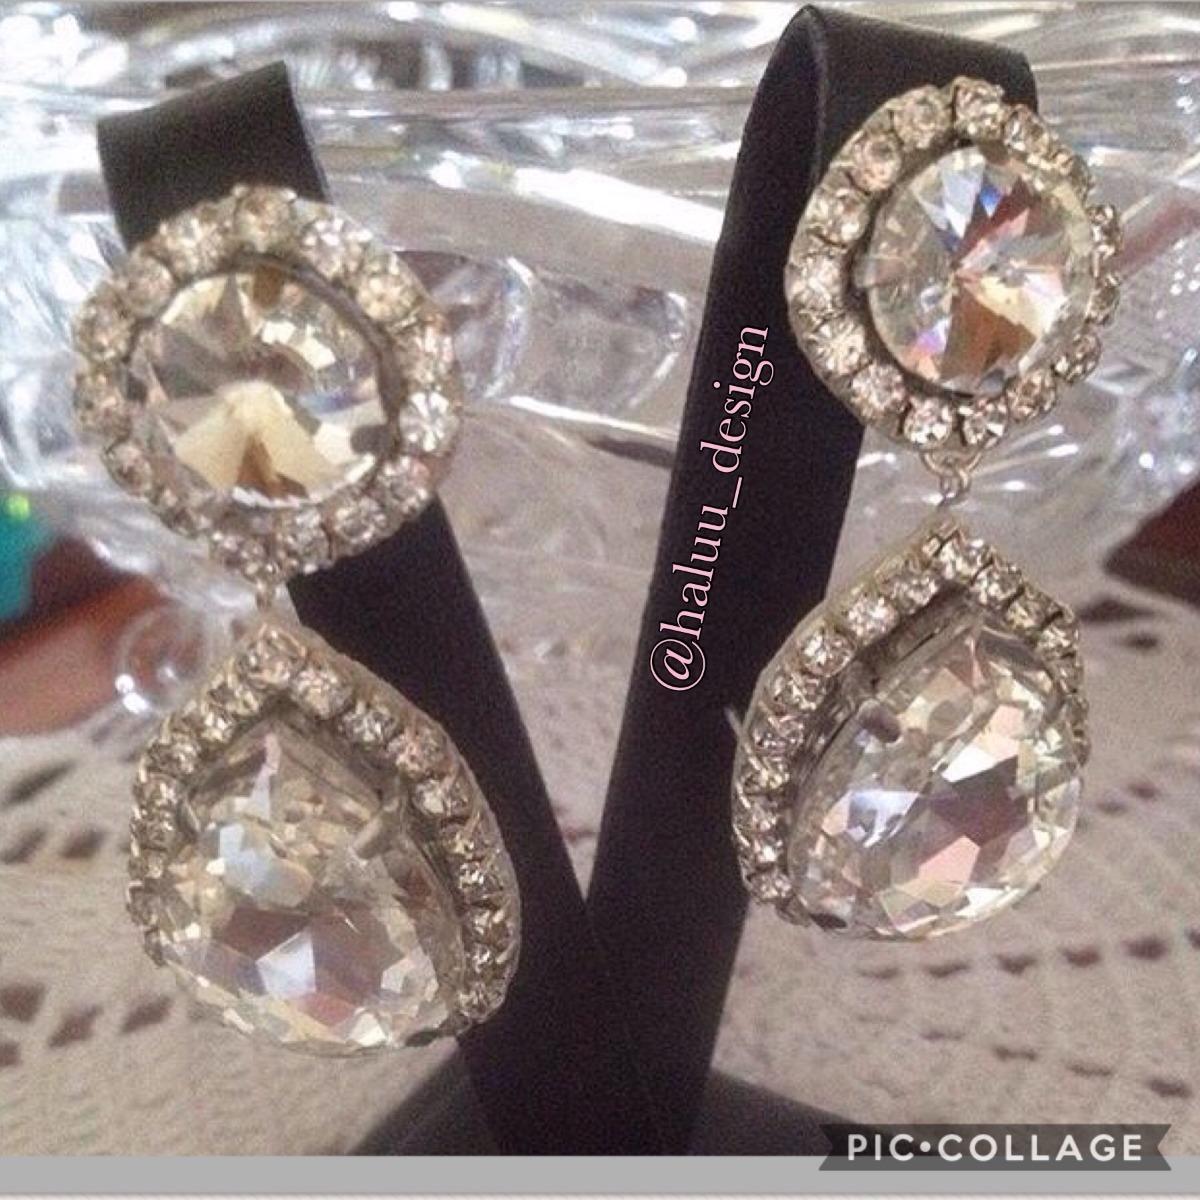 c99c580583c6 zarcillos de novia soutache cristal boda cortejo accesorios. Cargando zoom.